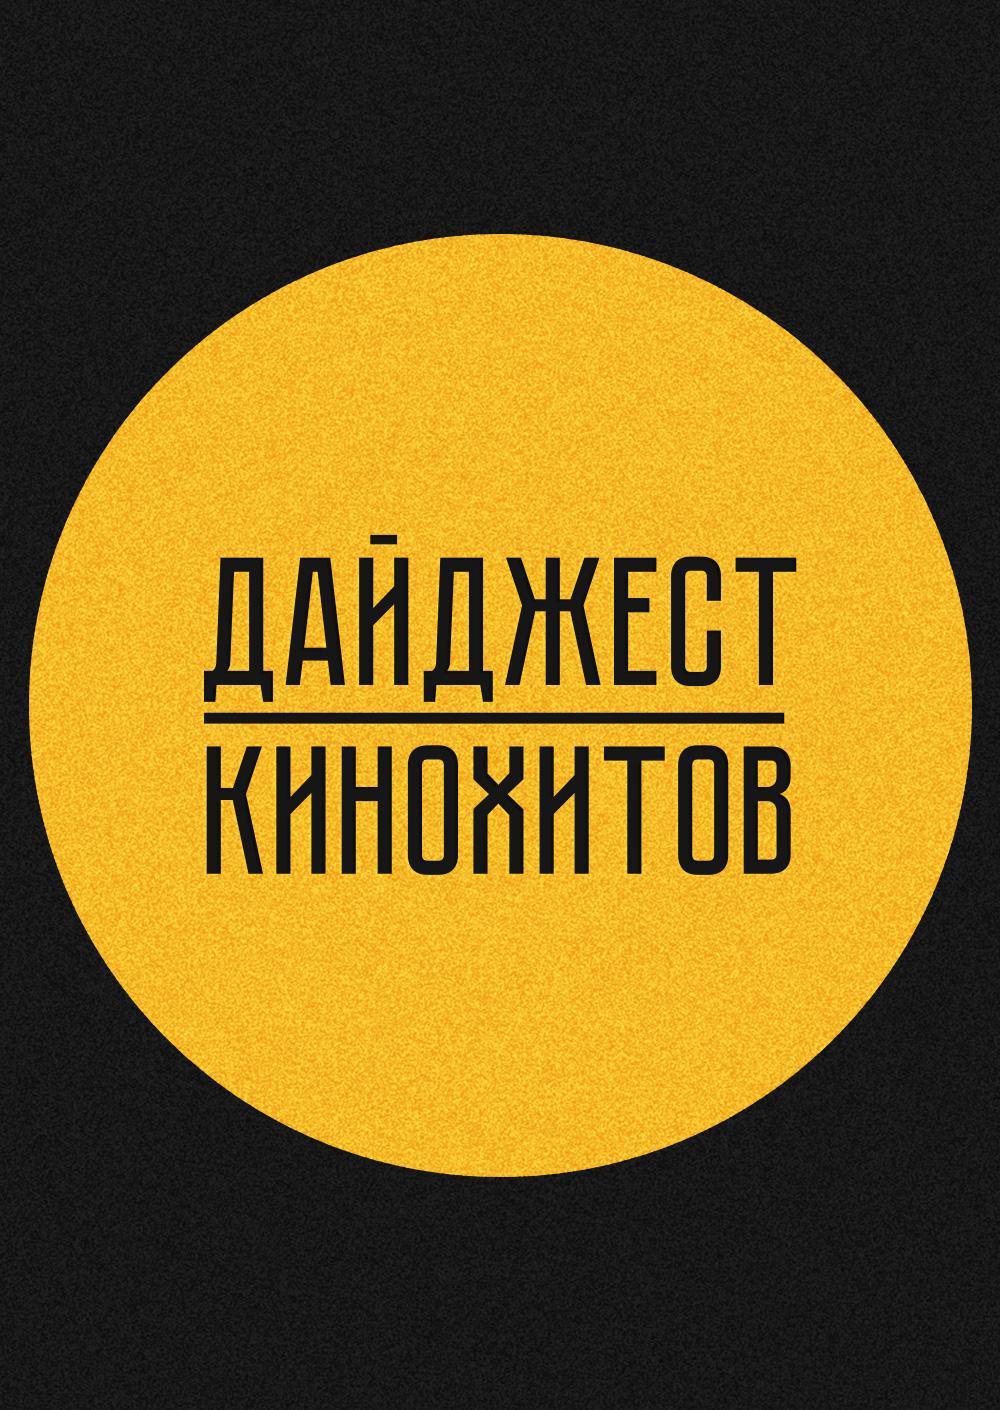 Дайджест кинохитов - 31.10.2015